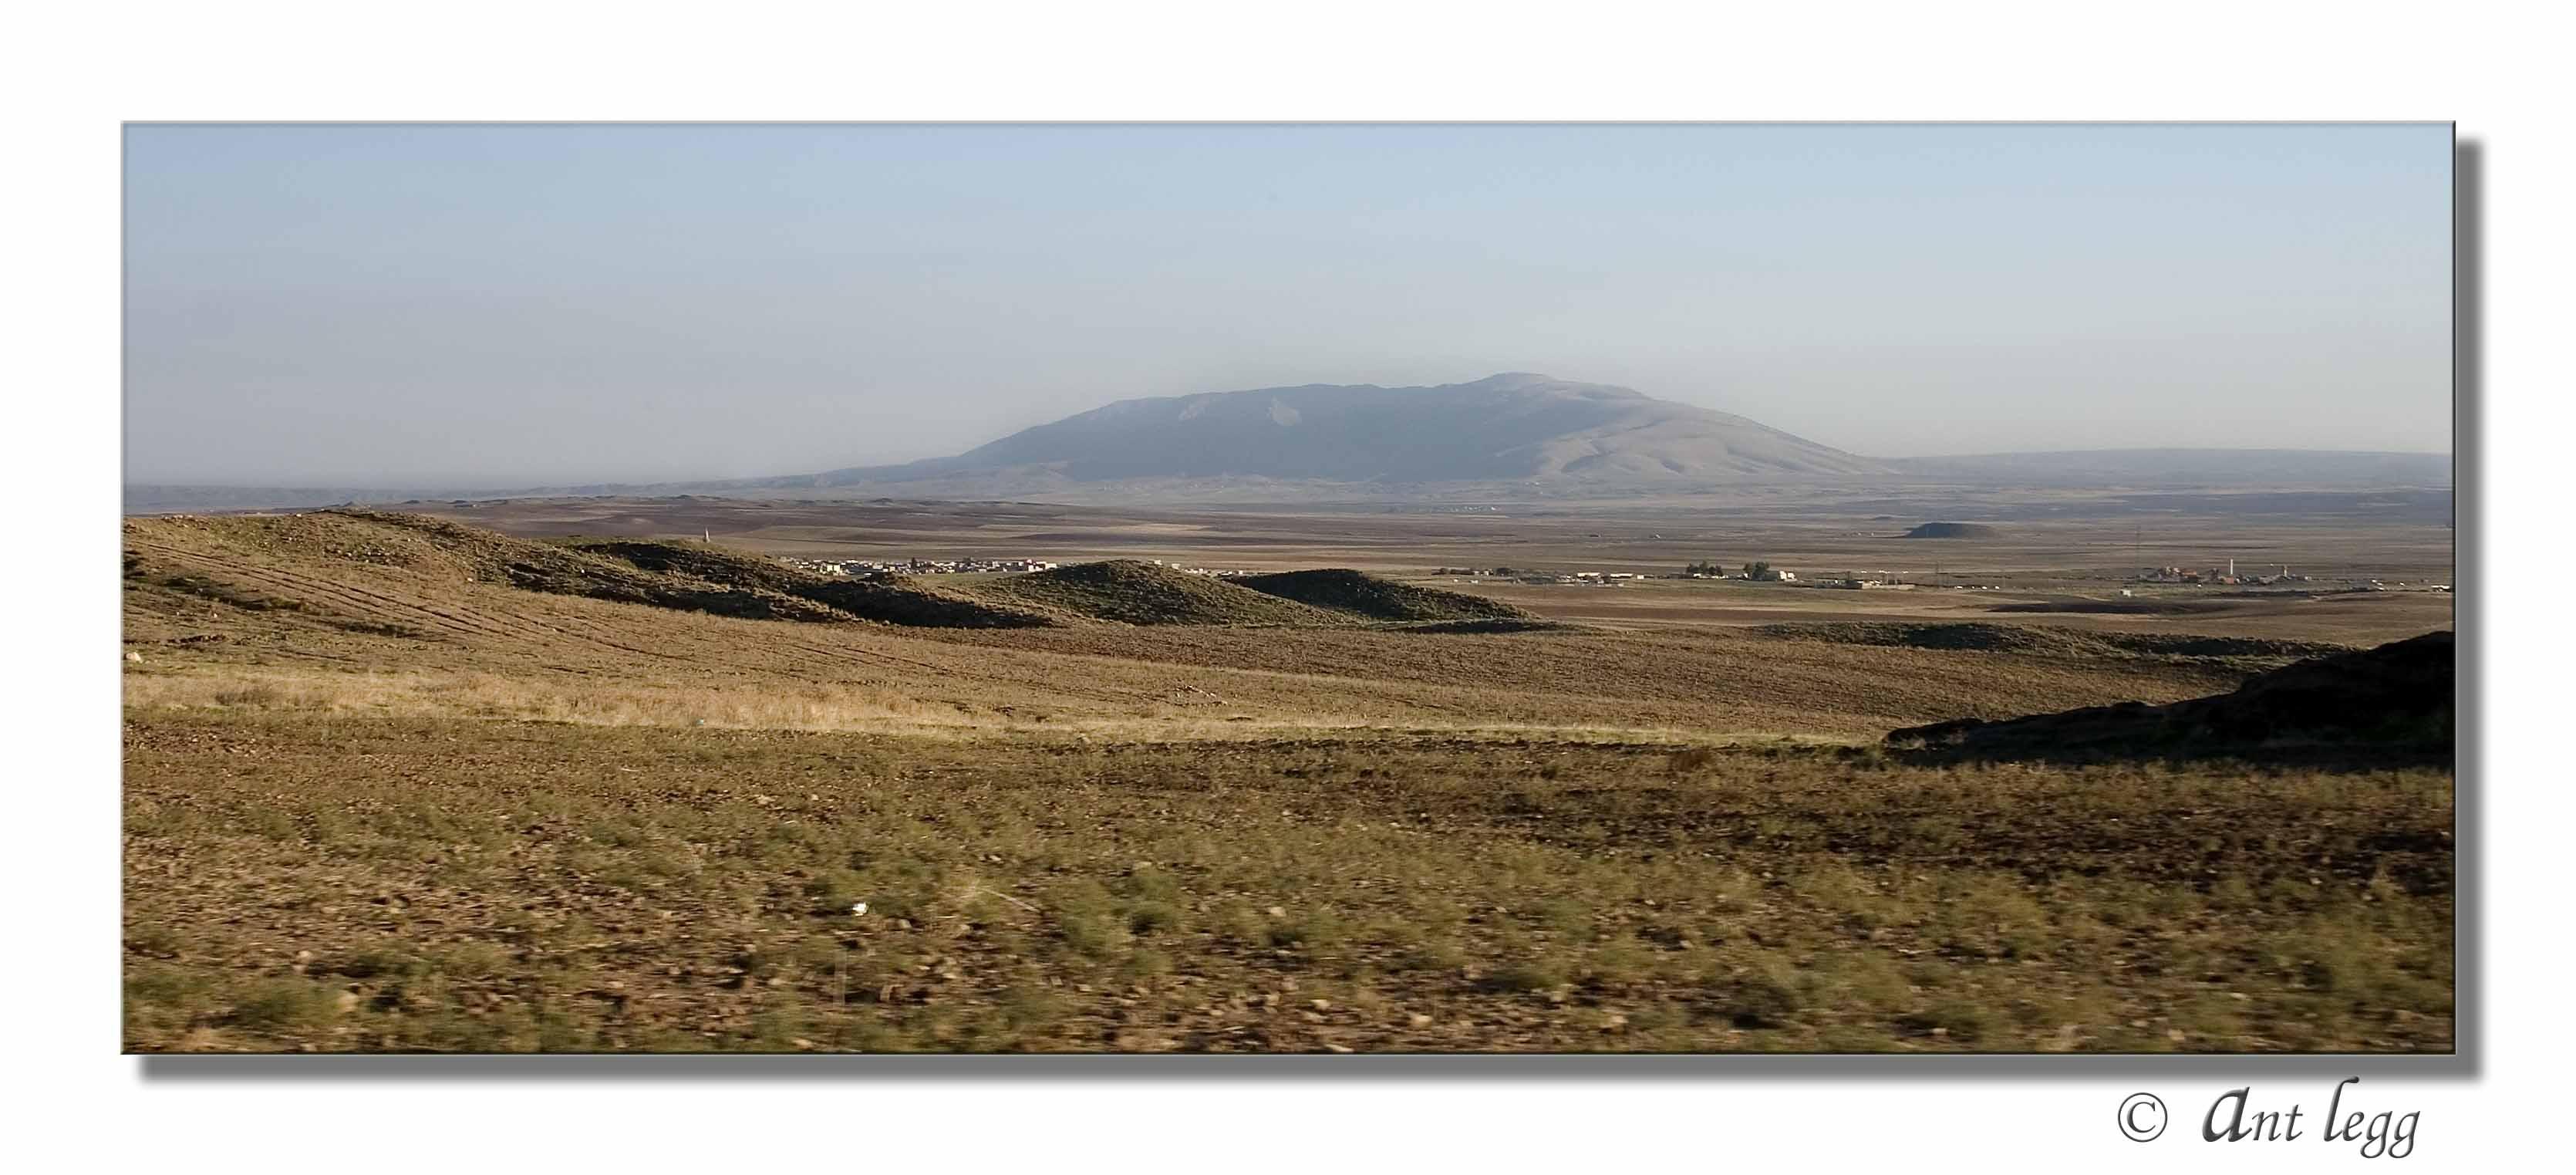 Village behind the hills